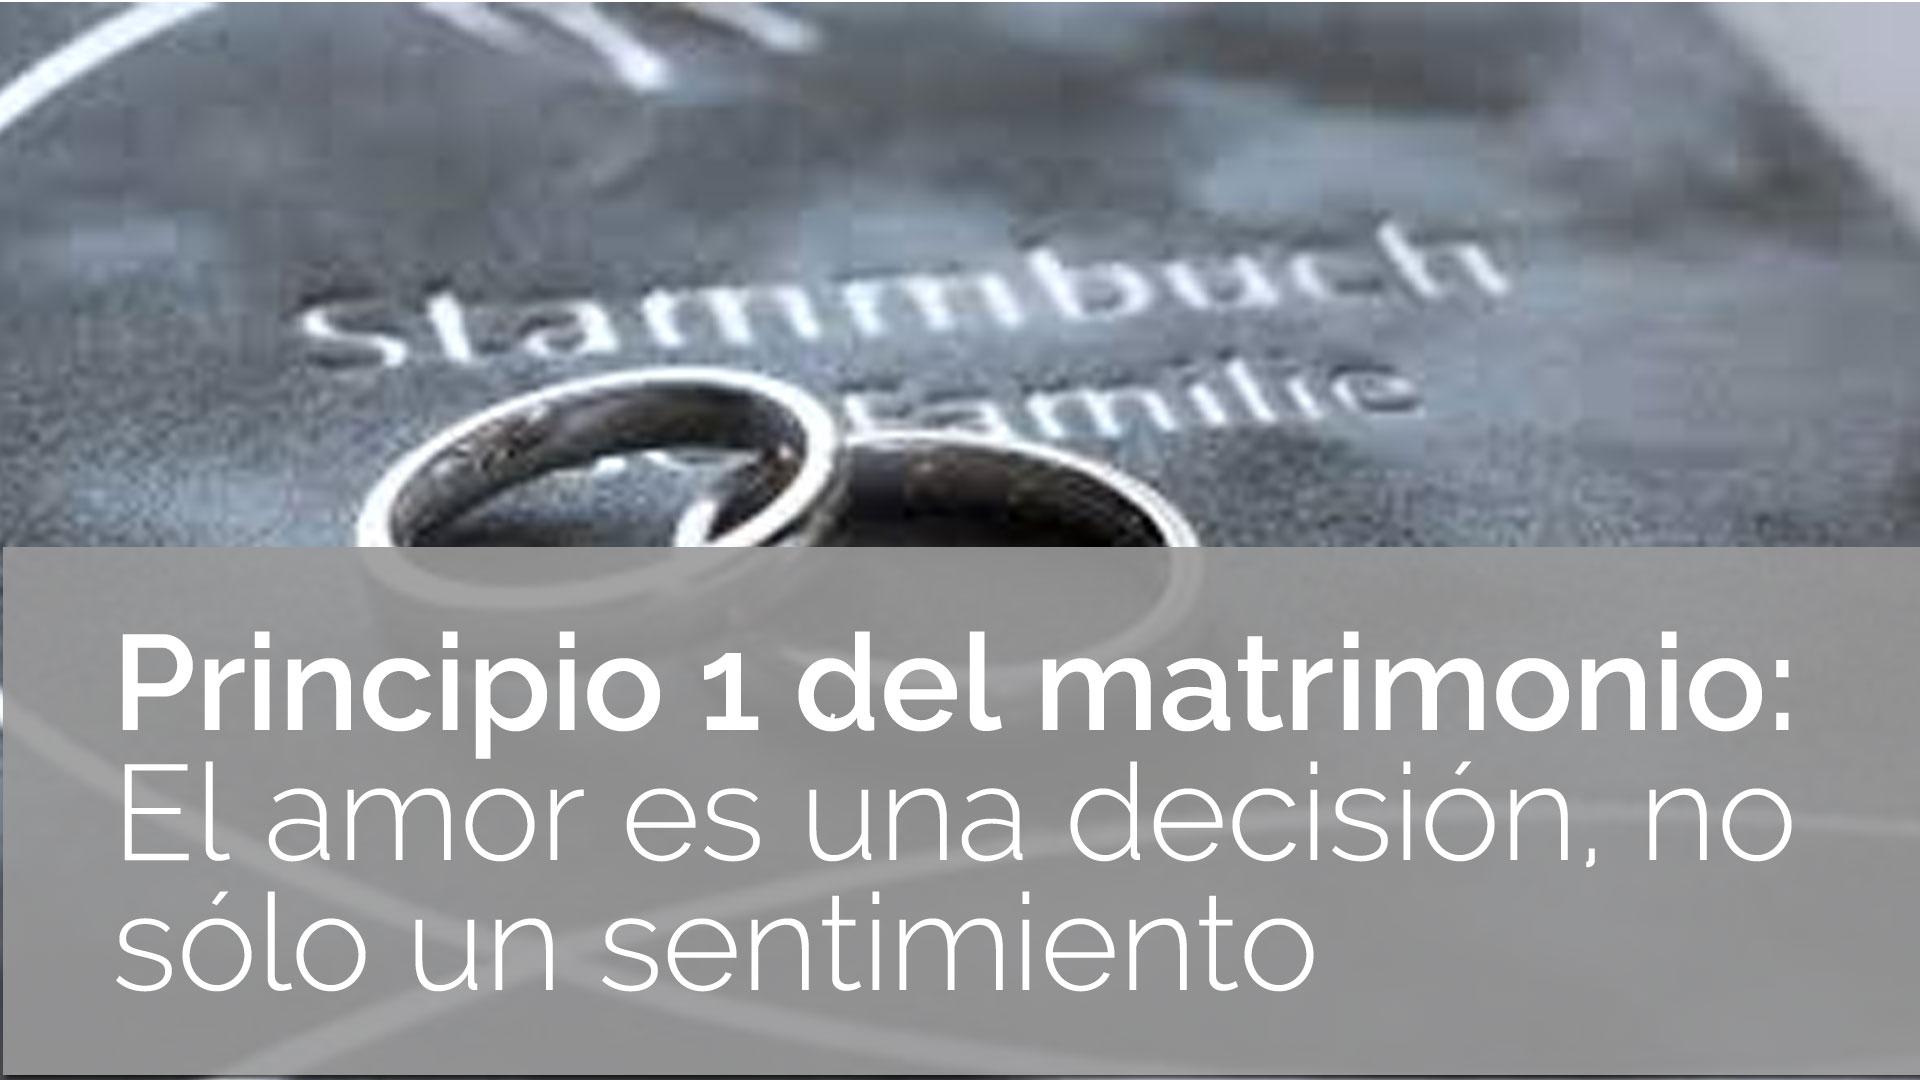 El Amor Matrimonio Biblia : Principio del matrimonio el amor es una decisión no